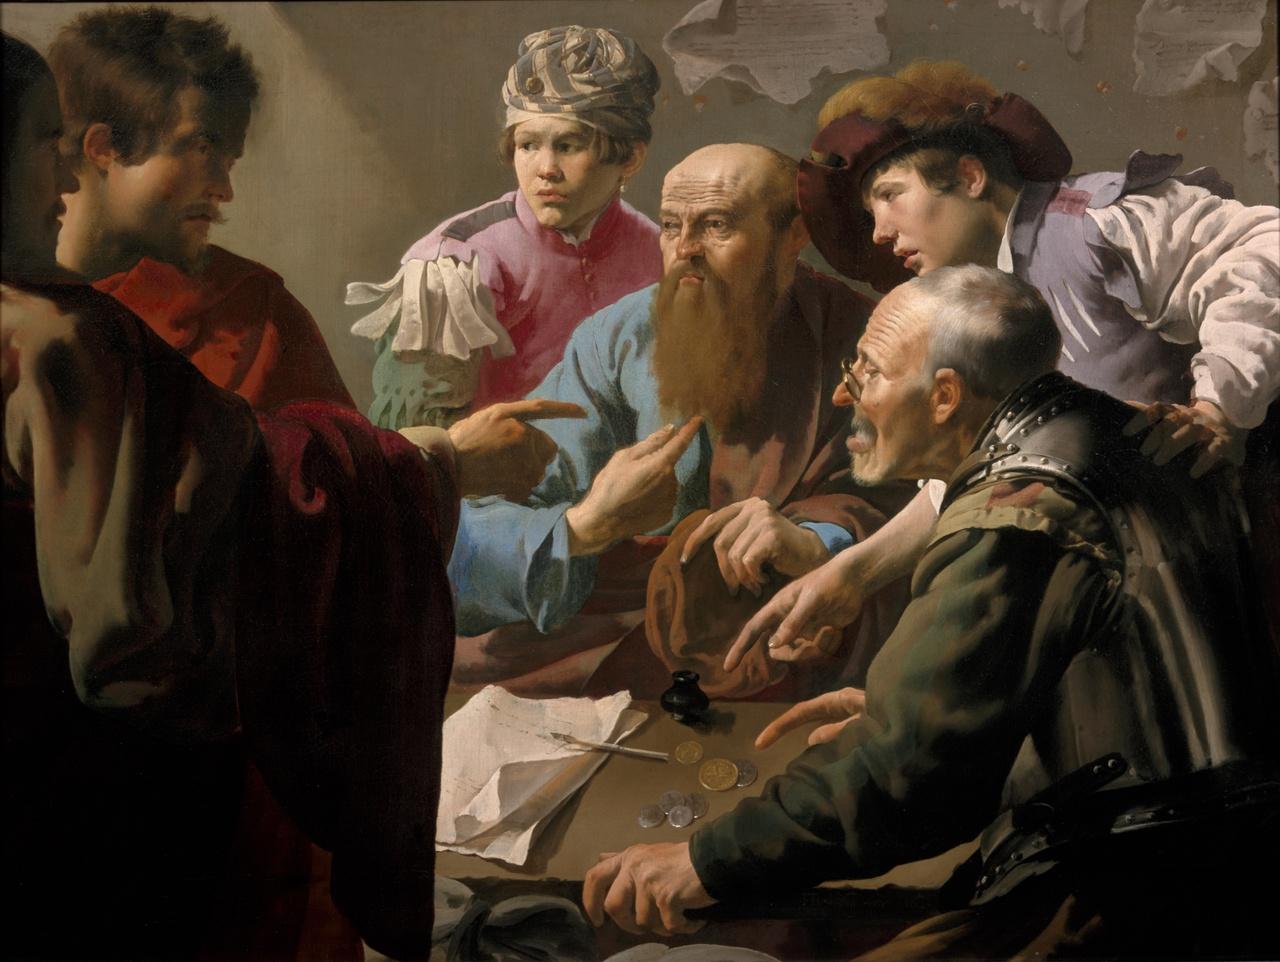 10/34 - Hendrick ter Brugghen, De roeping van Mattheus, 1621